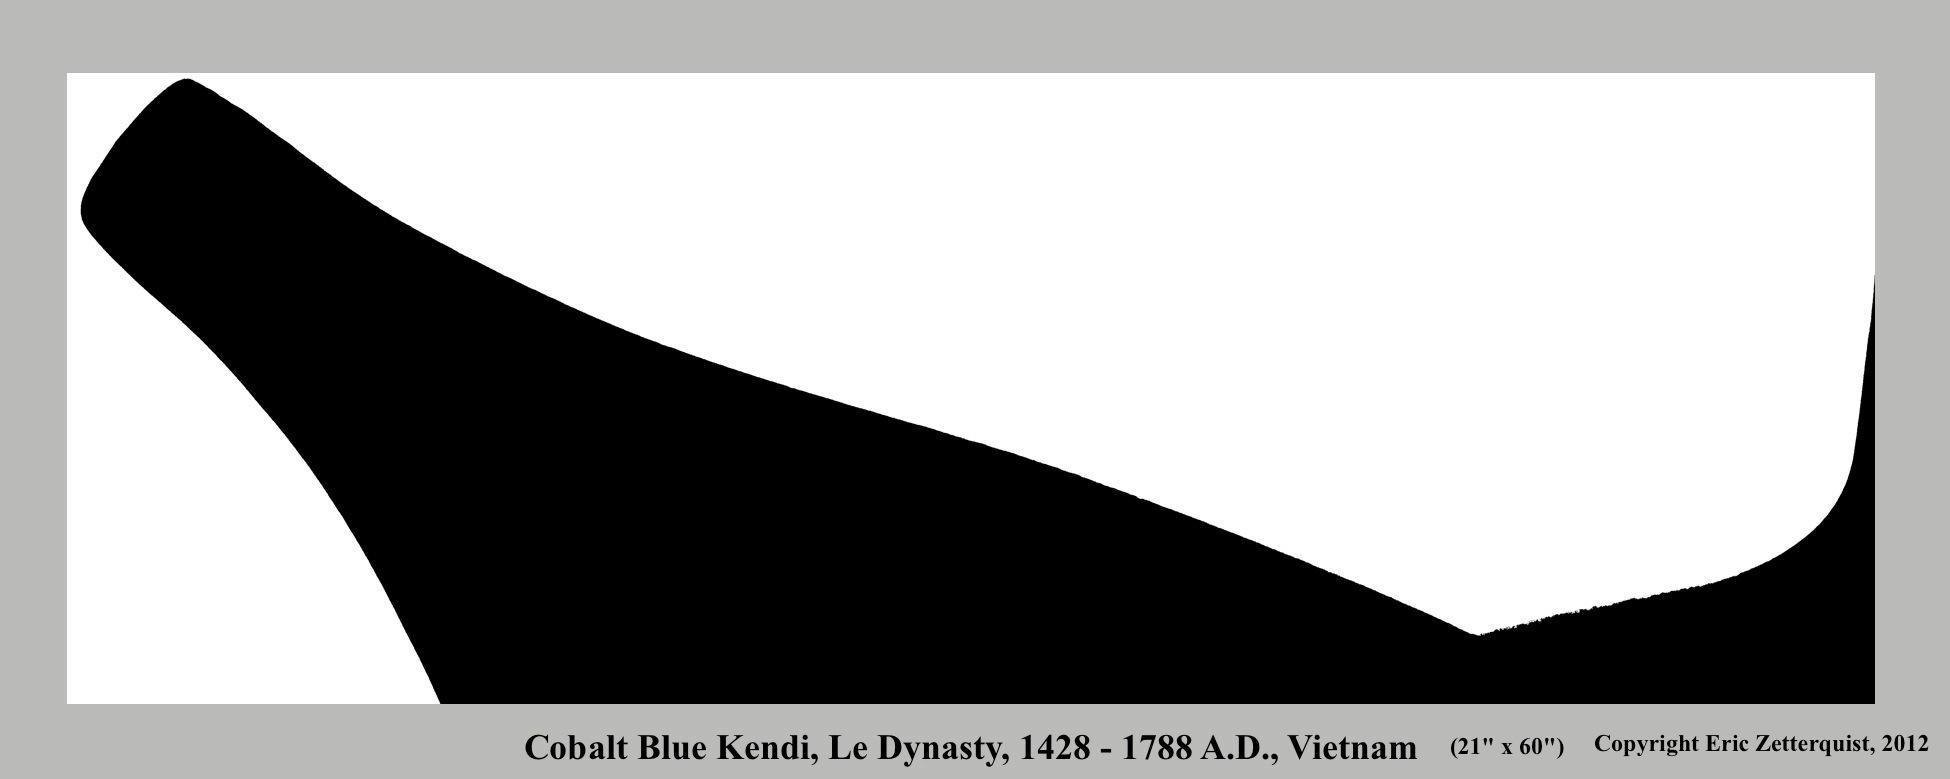 Cobalt Blue Kendi, Le Dynasty, 1428 - 1788 A.D., Vietnam (B)